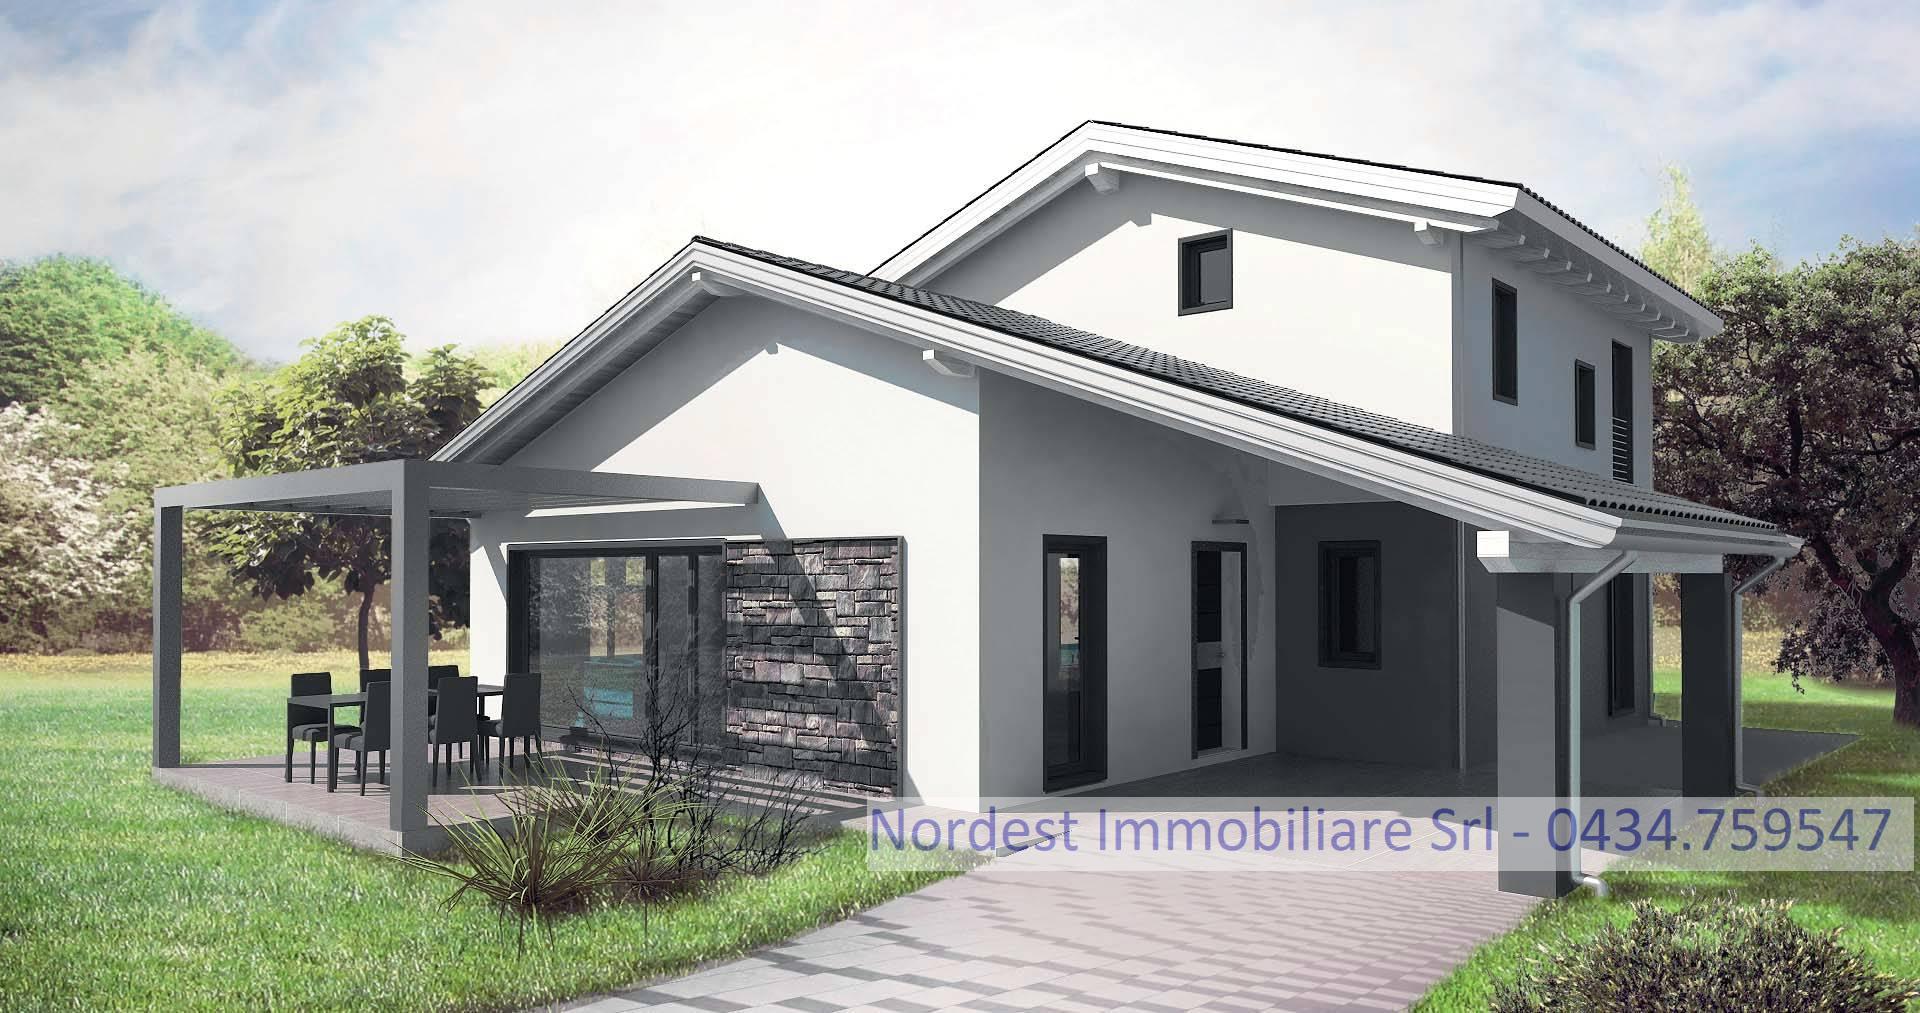 Soluzione Indipendente in vendita a Cinto Caomaggiore, 6 locali, prezzo € 160.000   CambioCasa.it